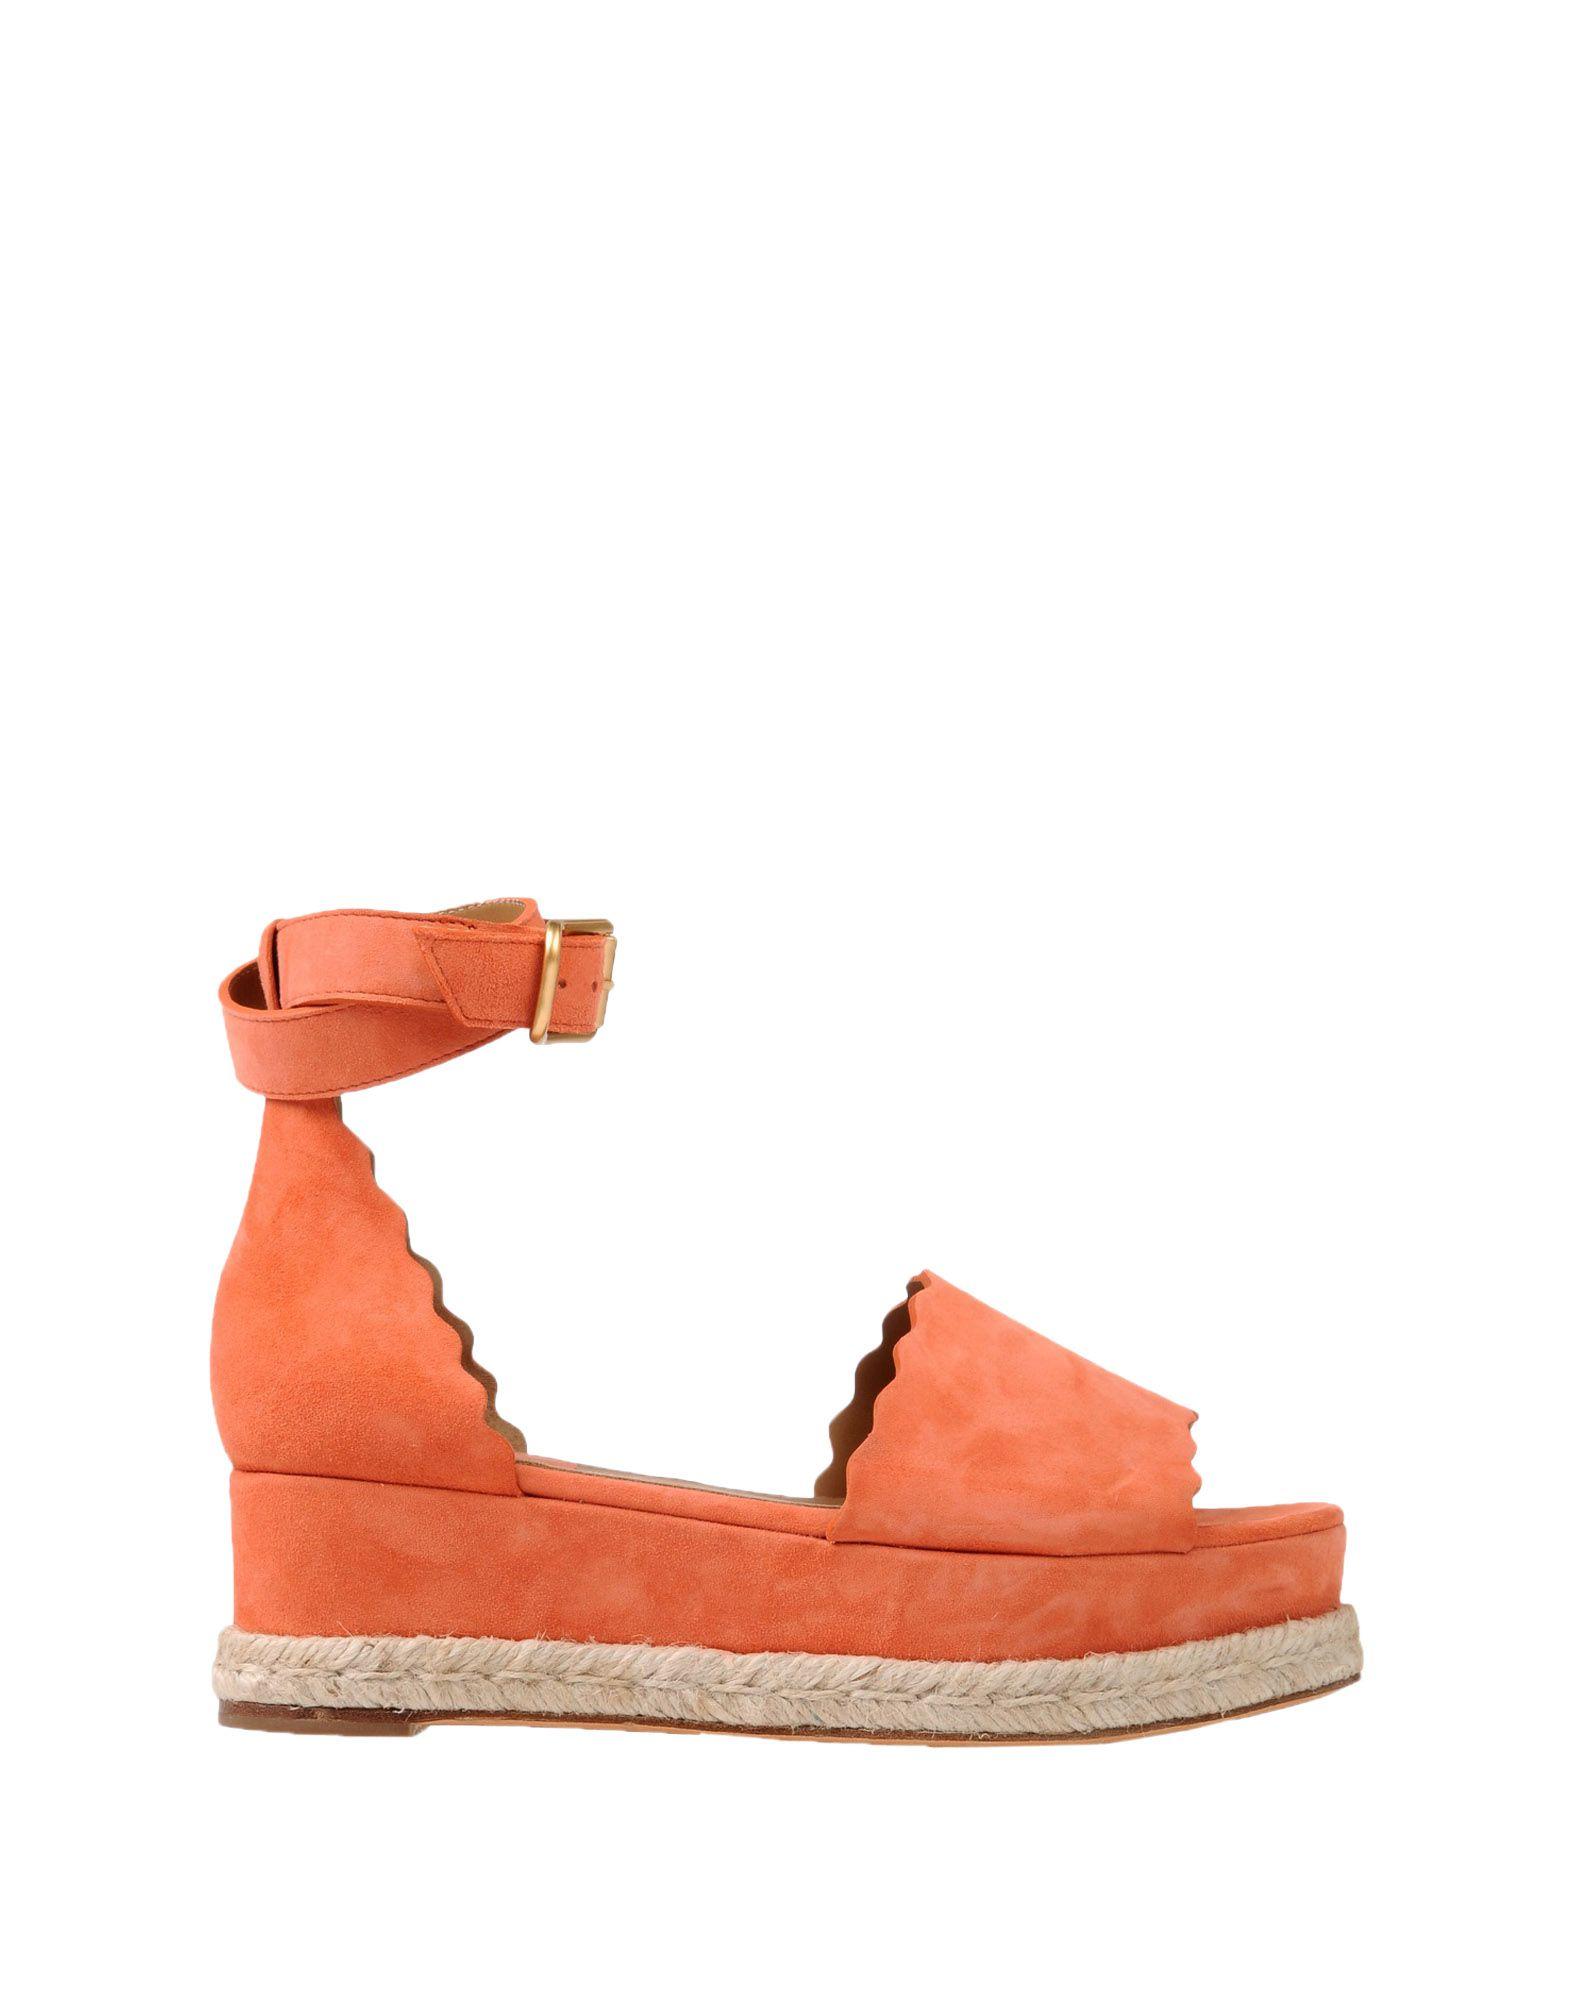 Sandales Chloé Femme - Sandales Chloé sur